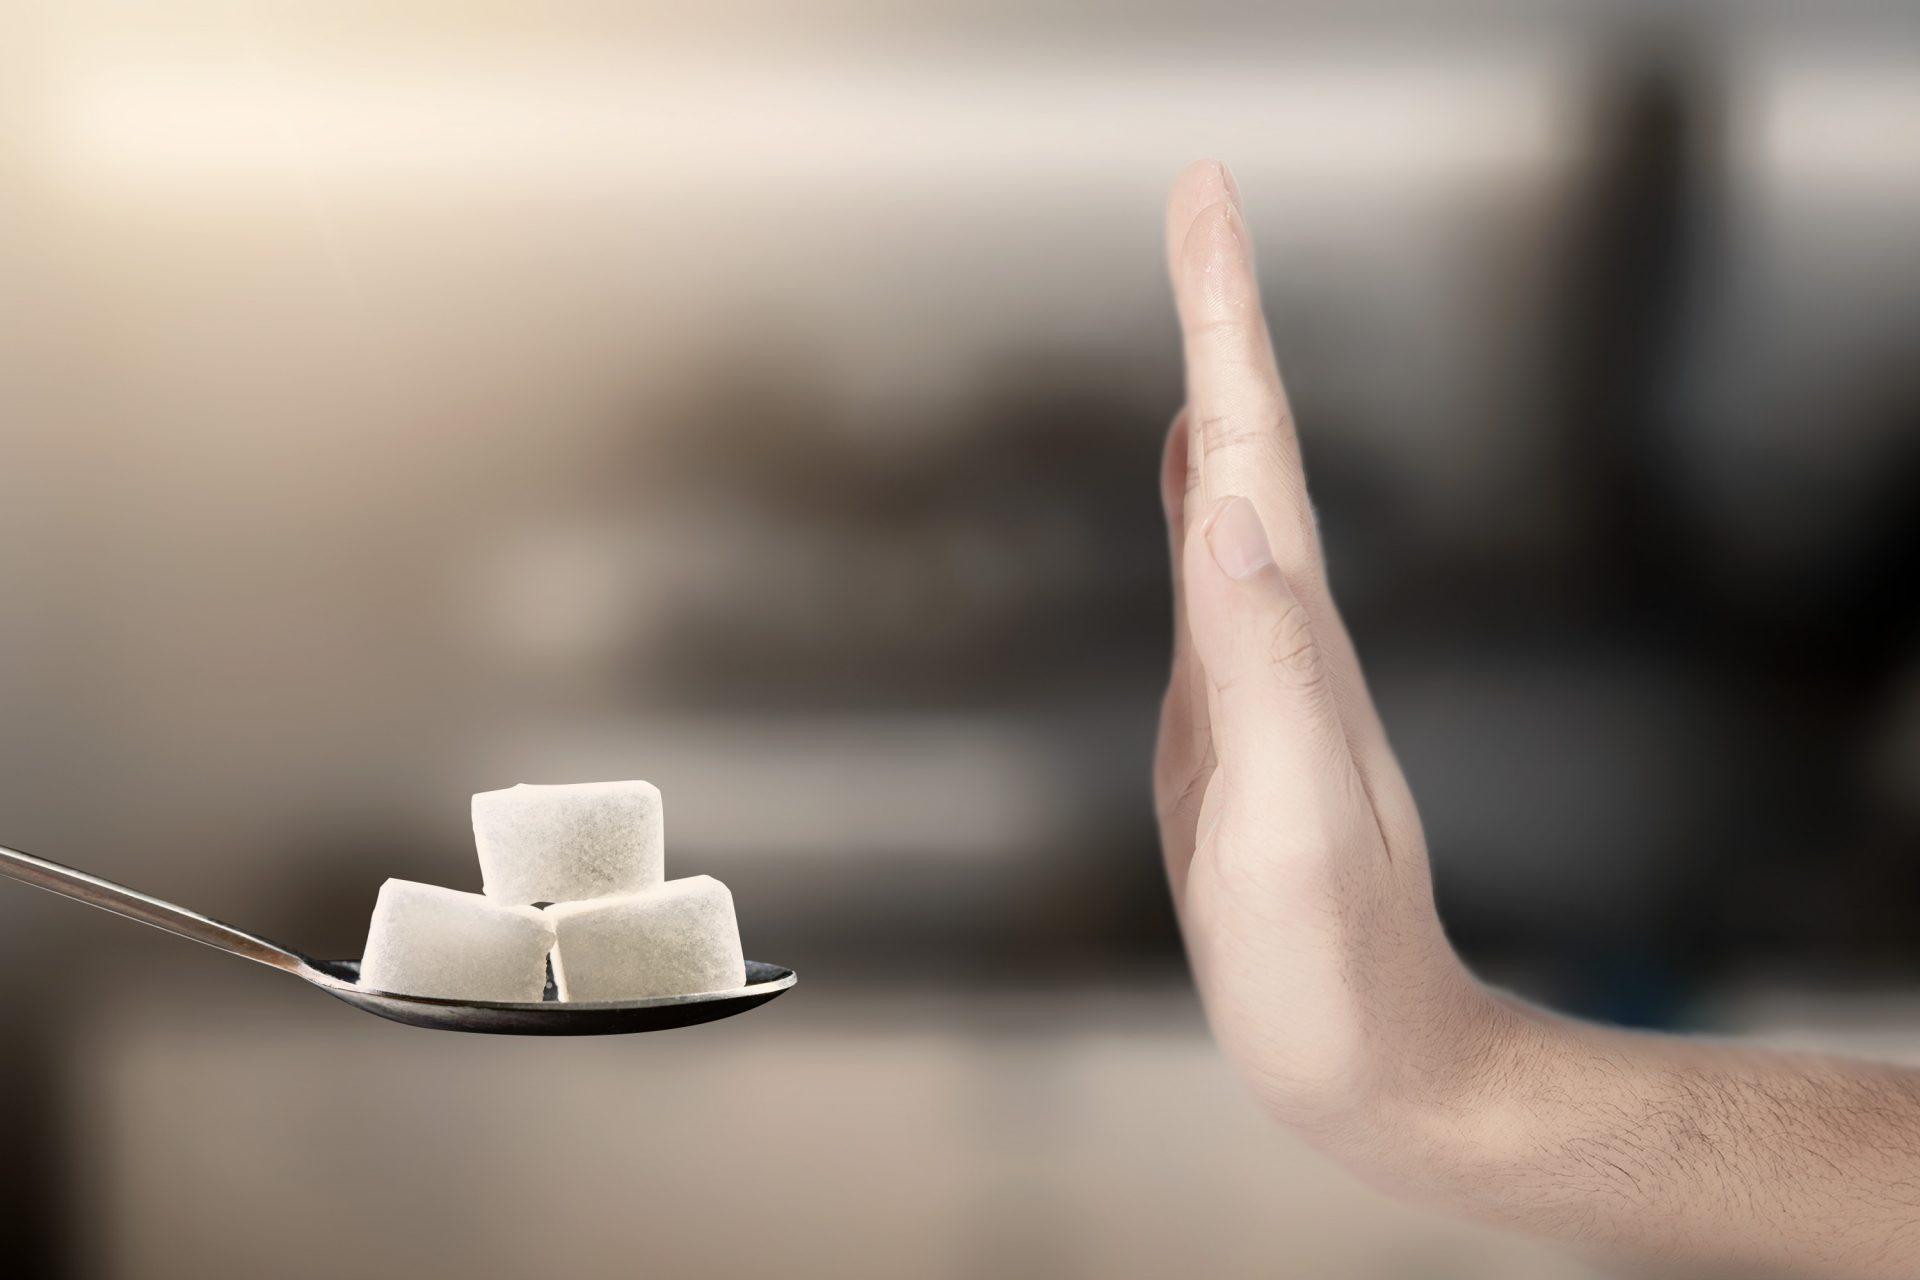 代糖,不是说说而已